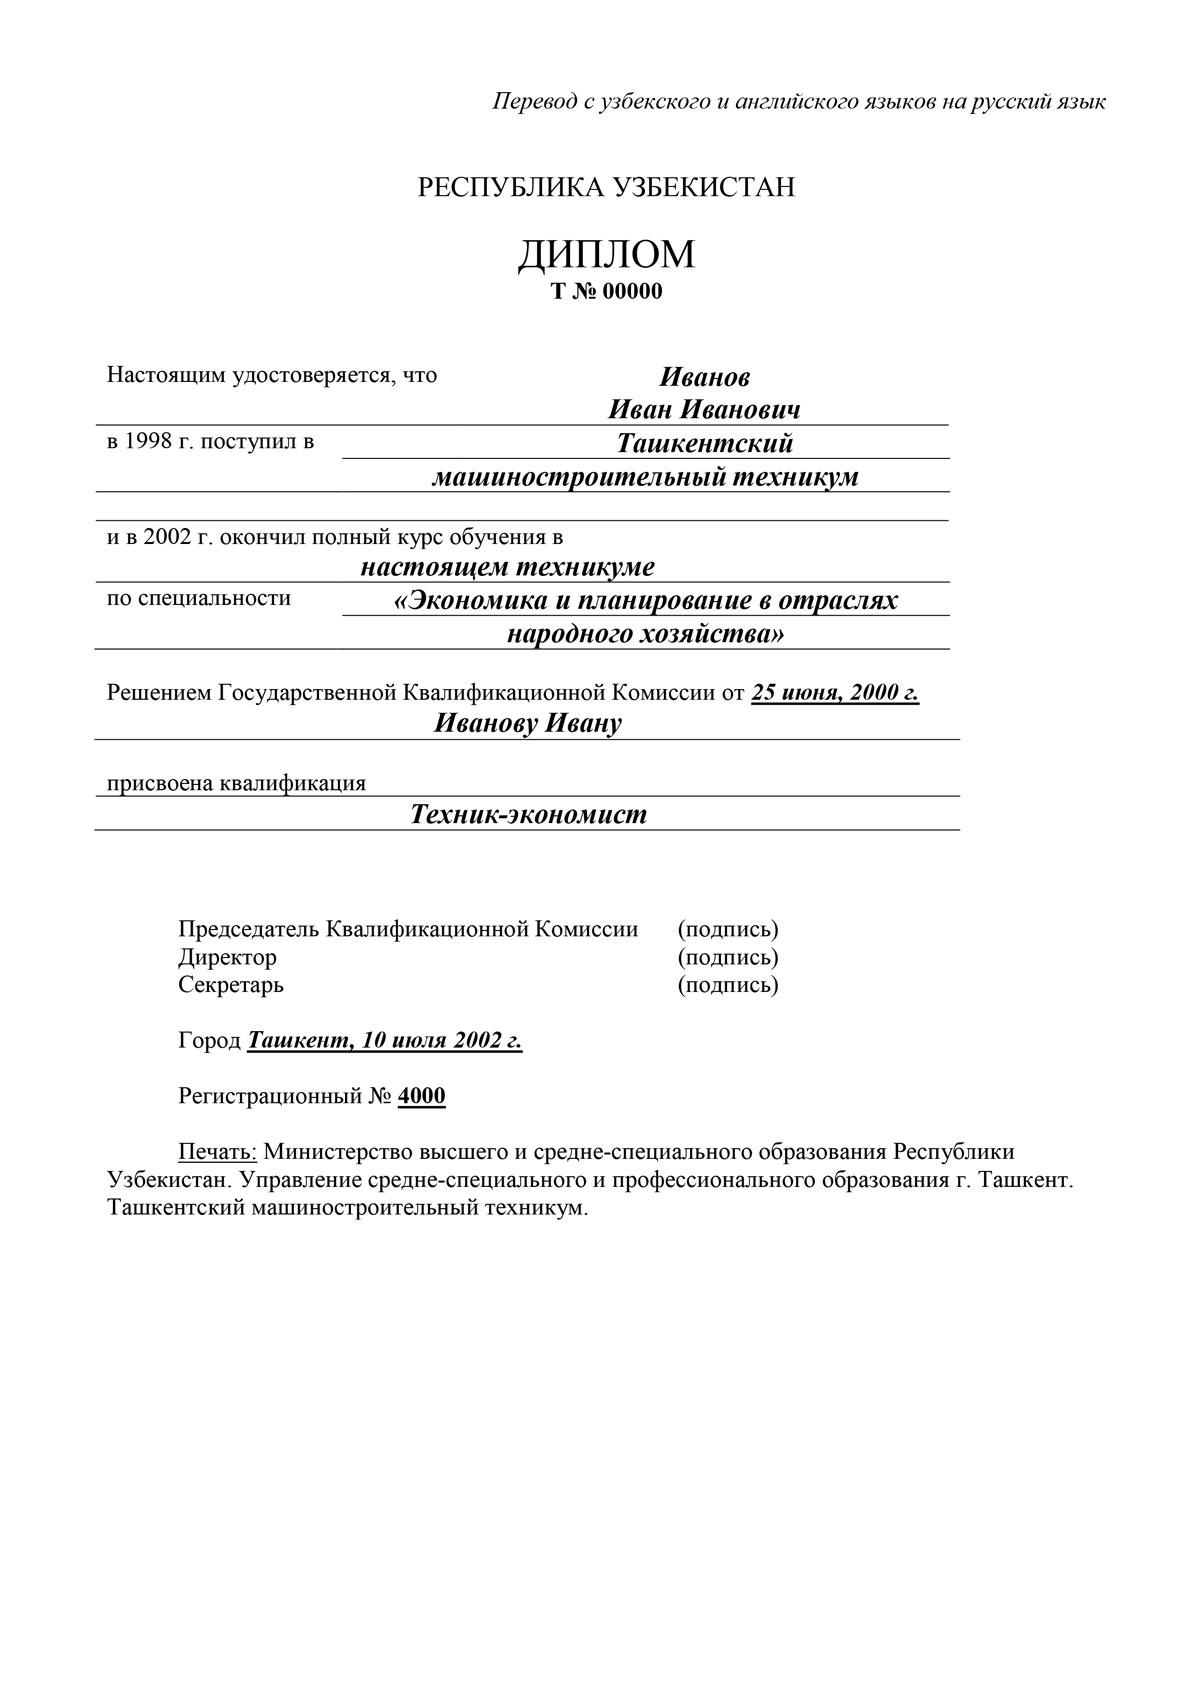 Перевод диплома с узбекского языка